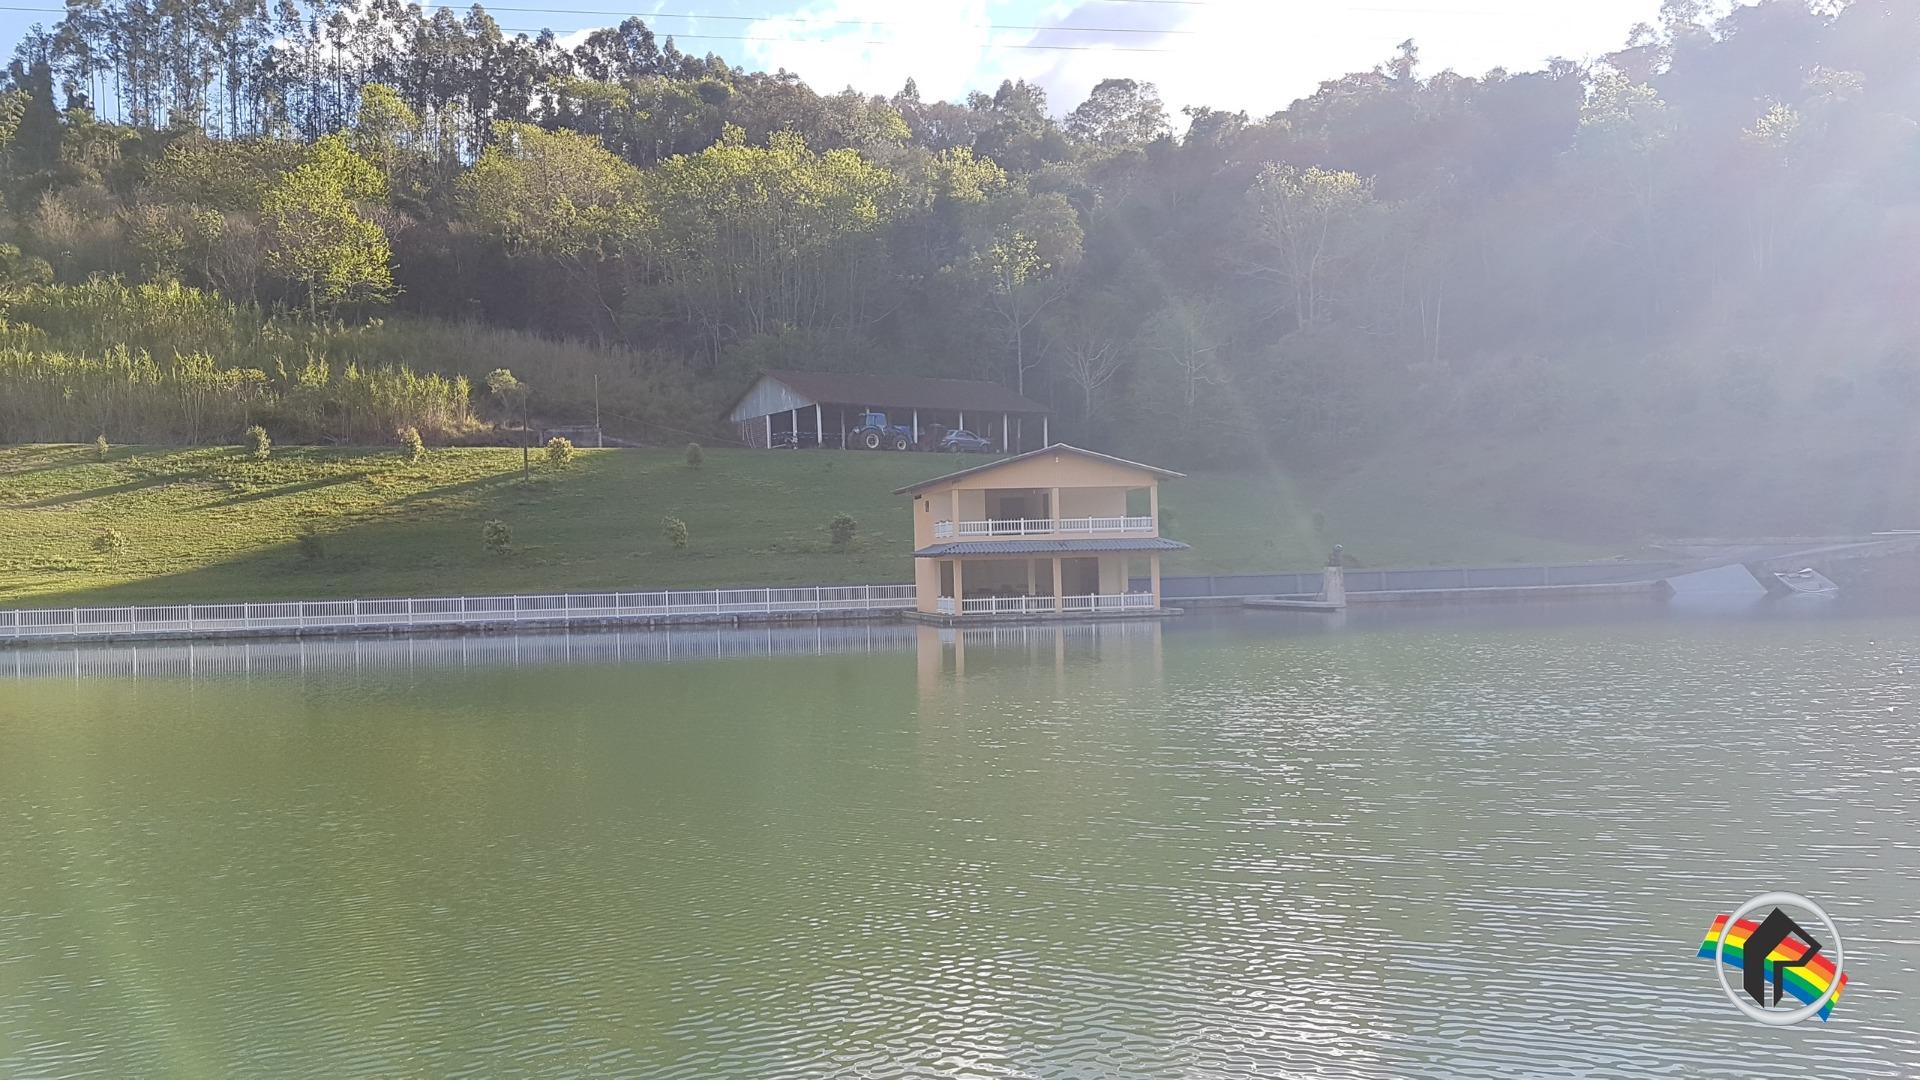 Prefeitura de Tunápolis apoia projeto turístico no interior do município